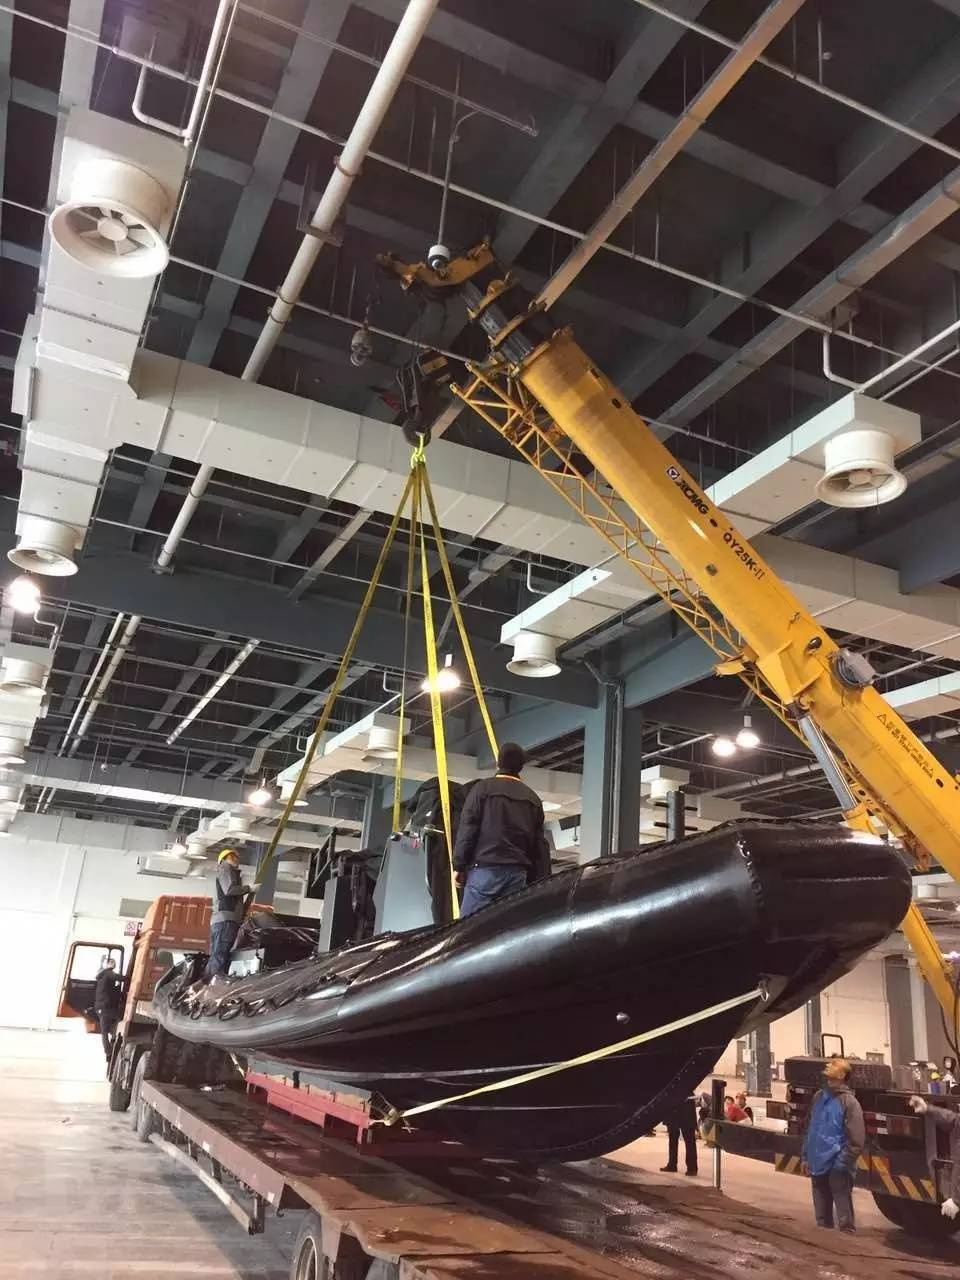 上海国际,展台搭建,展览会,博览会,最大的 Seawork Aisa 上海国际商用及公务船舶展览会今日正式开展! 166c891859a403e09fa7735afb99dfaa.jpg